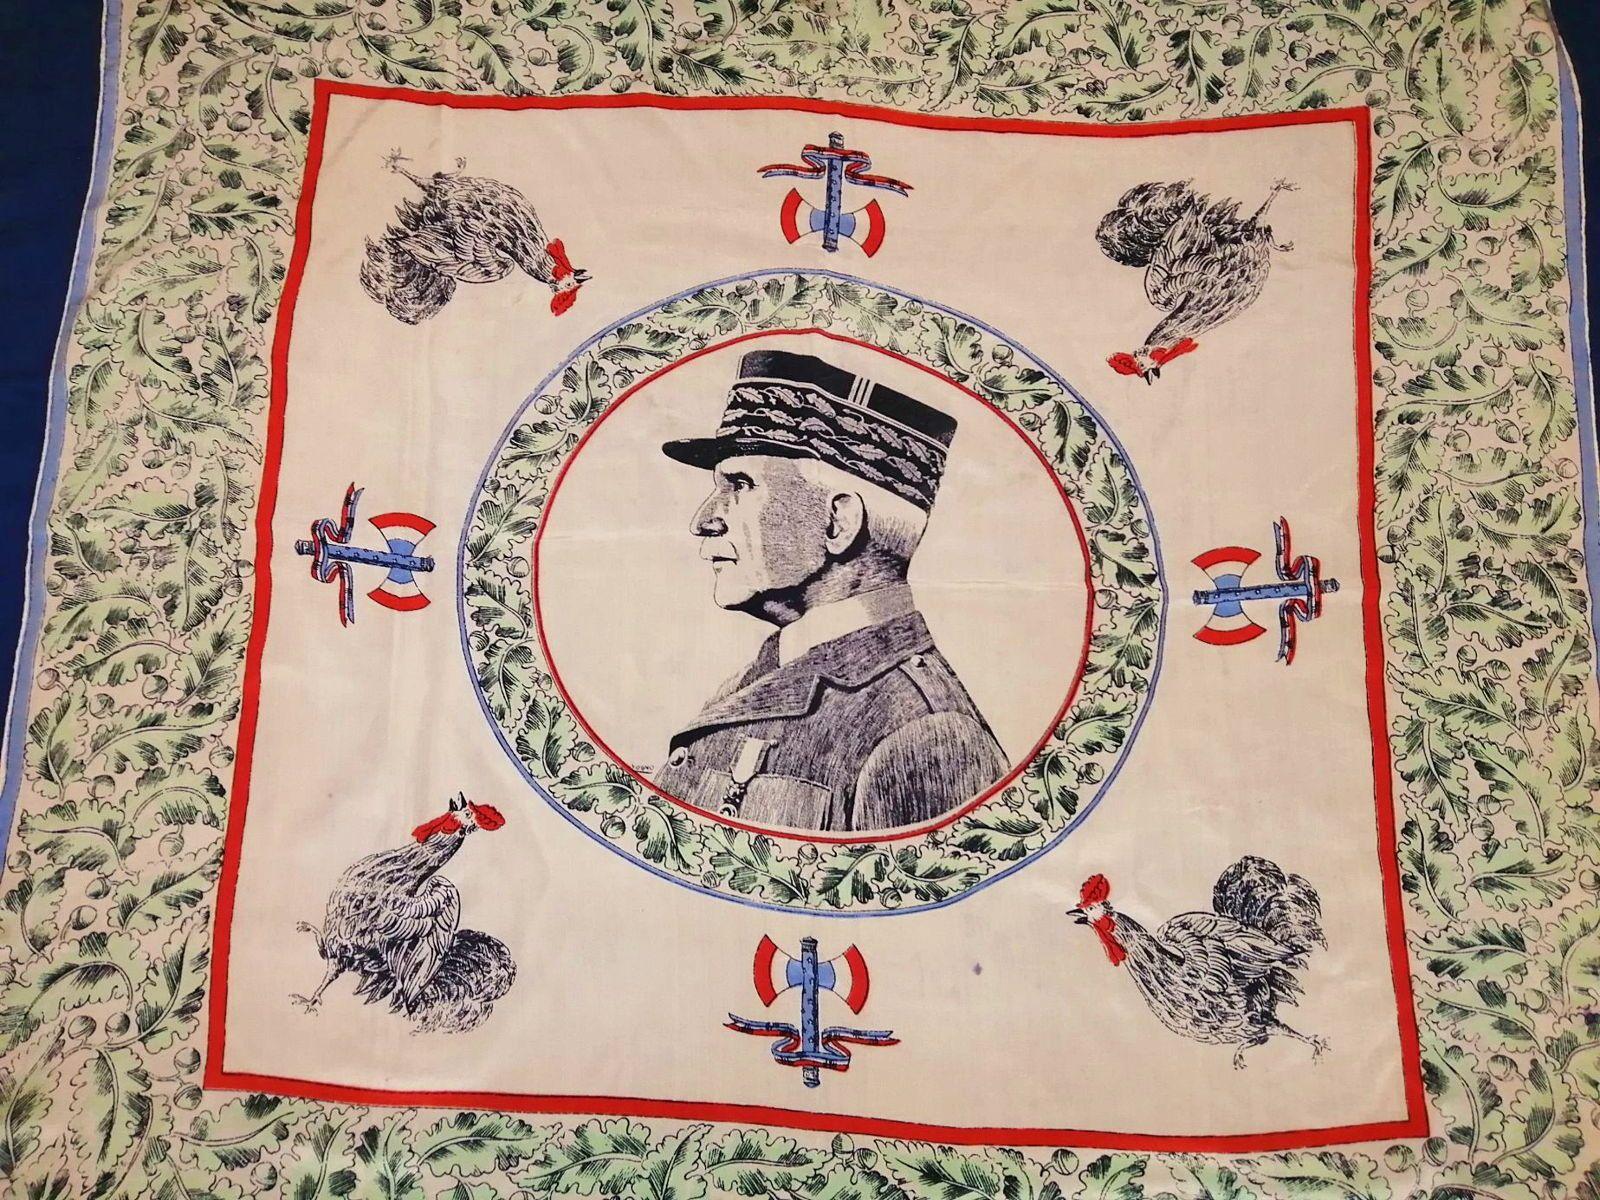 Portrait du Maréchal Pétain sur carré de soie